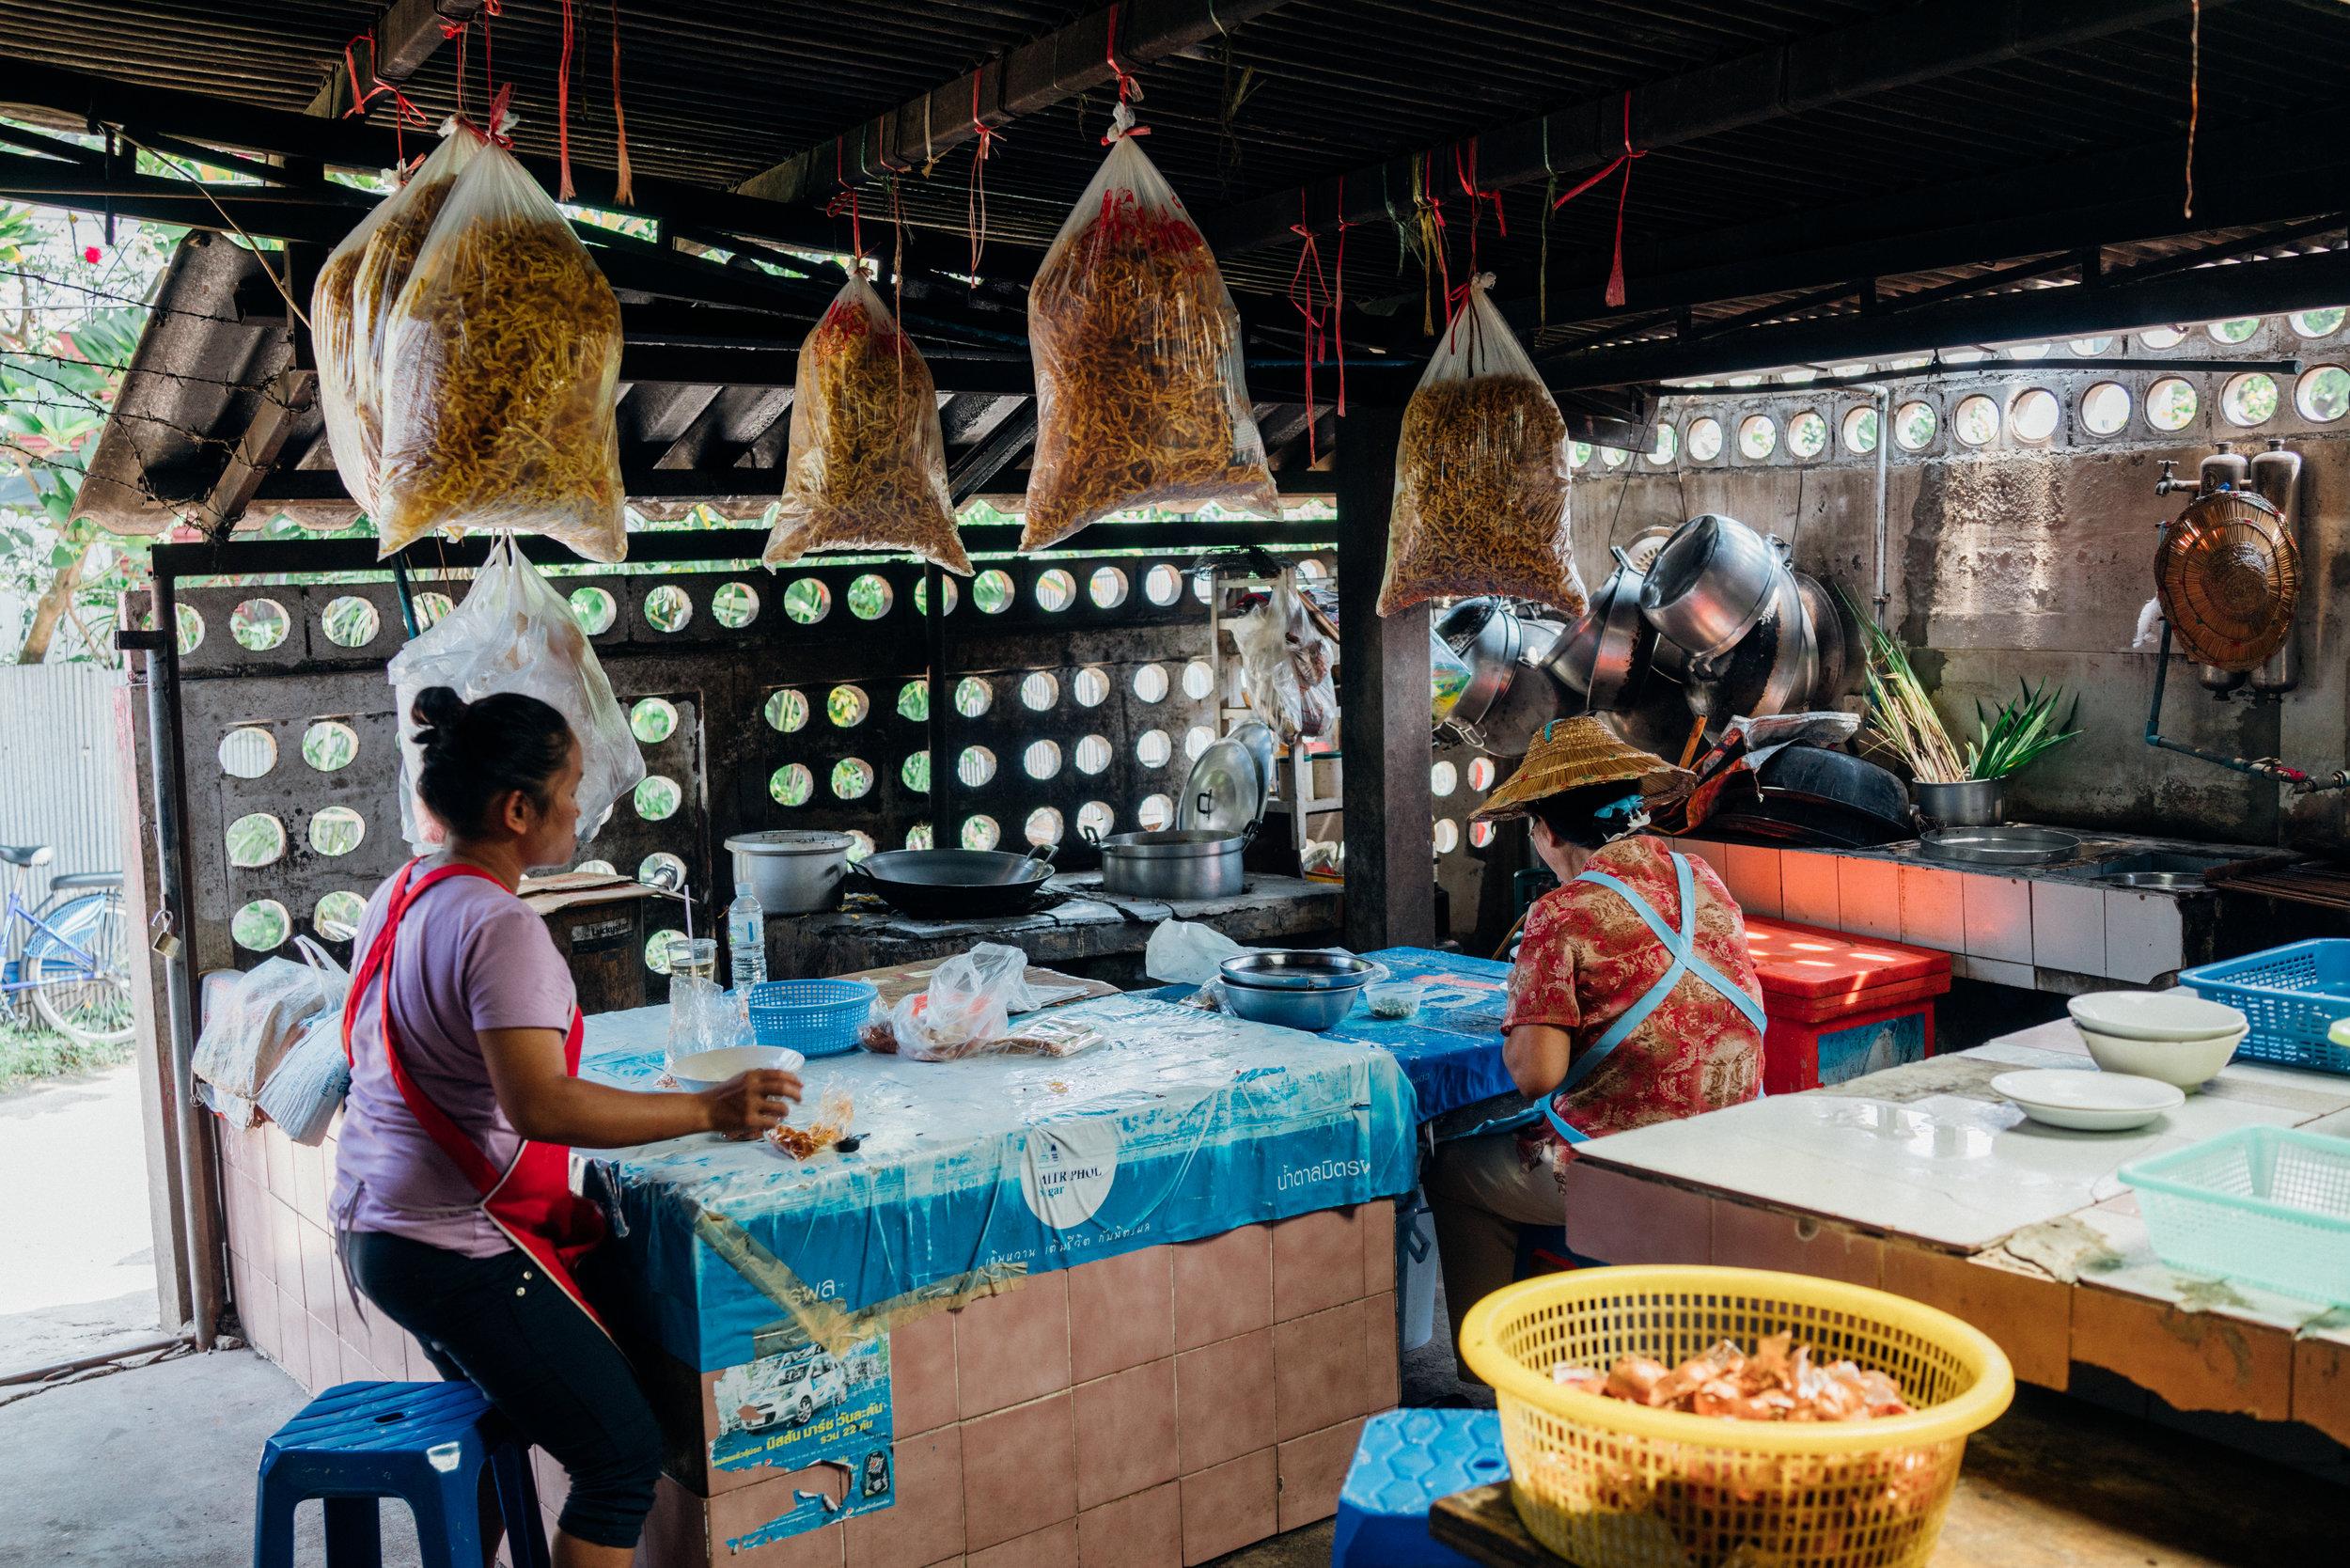 Preparations at Khao Soi Lam Duan